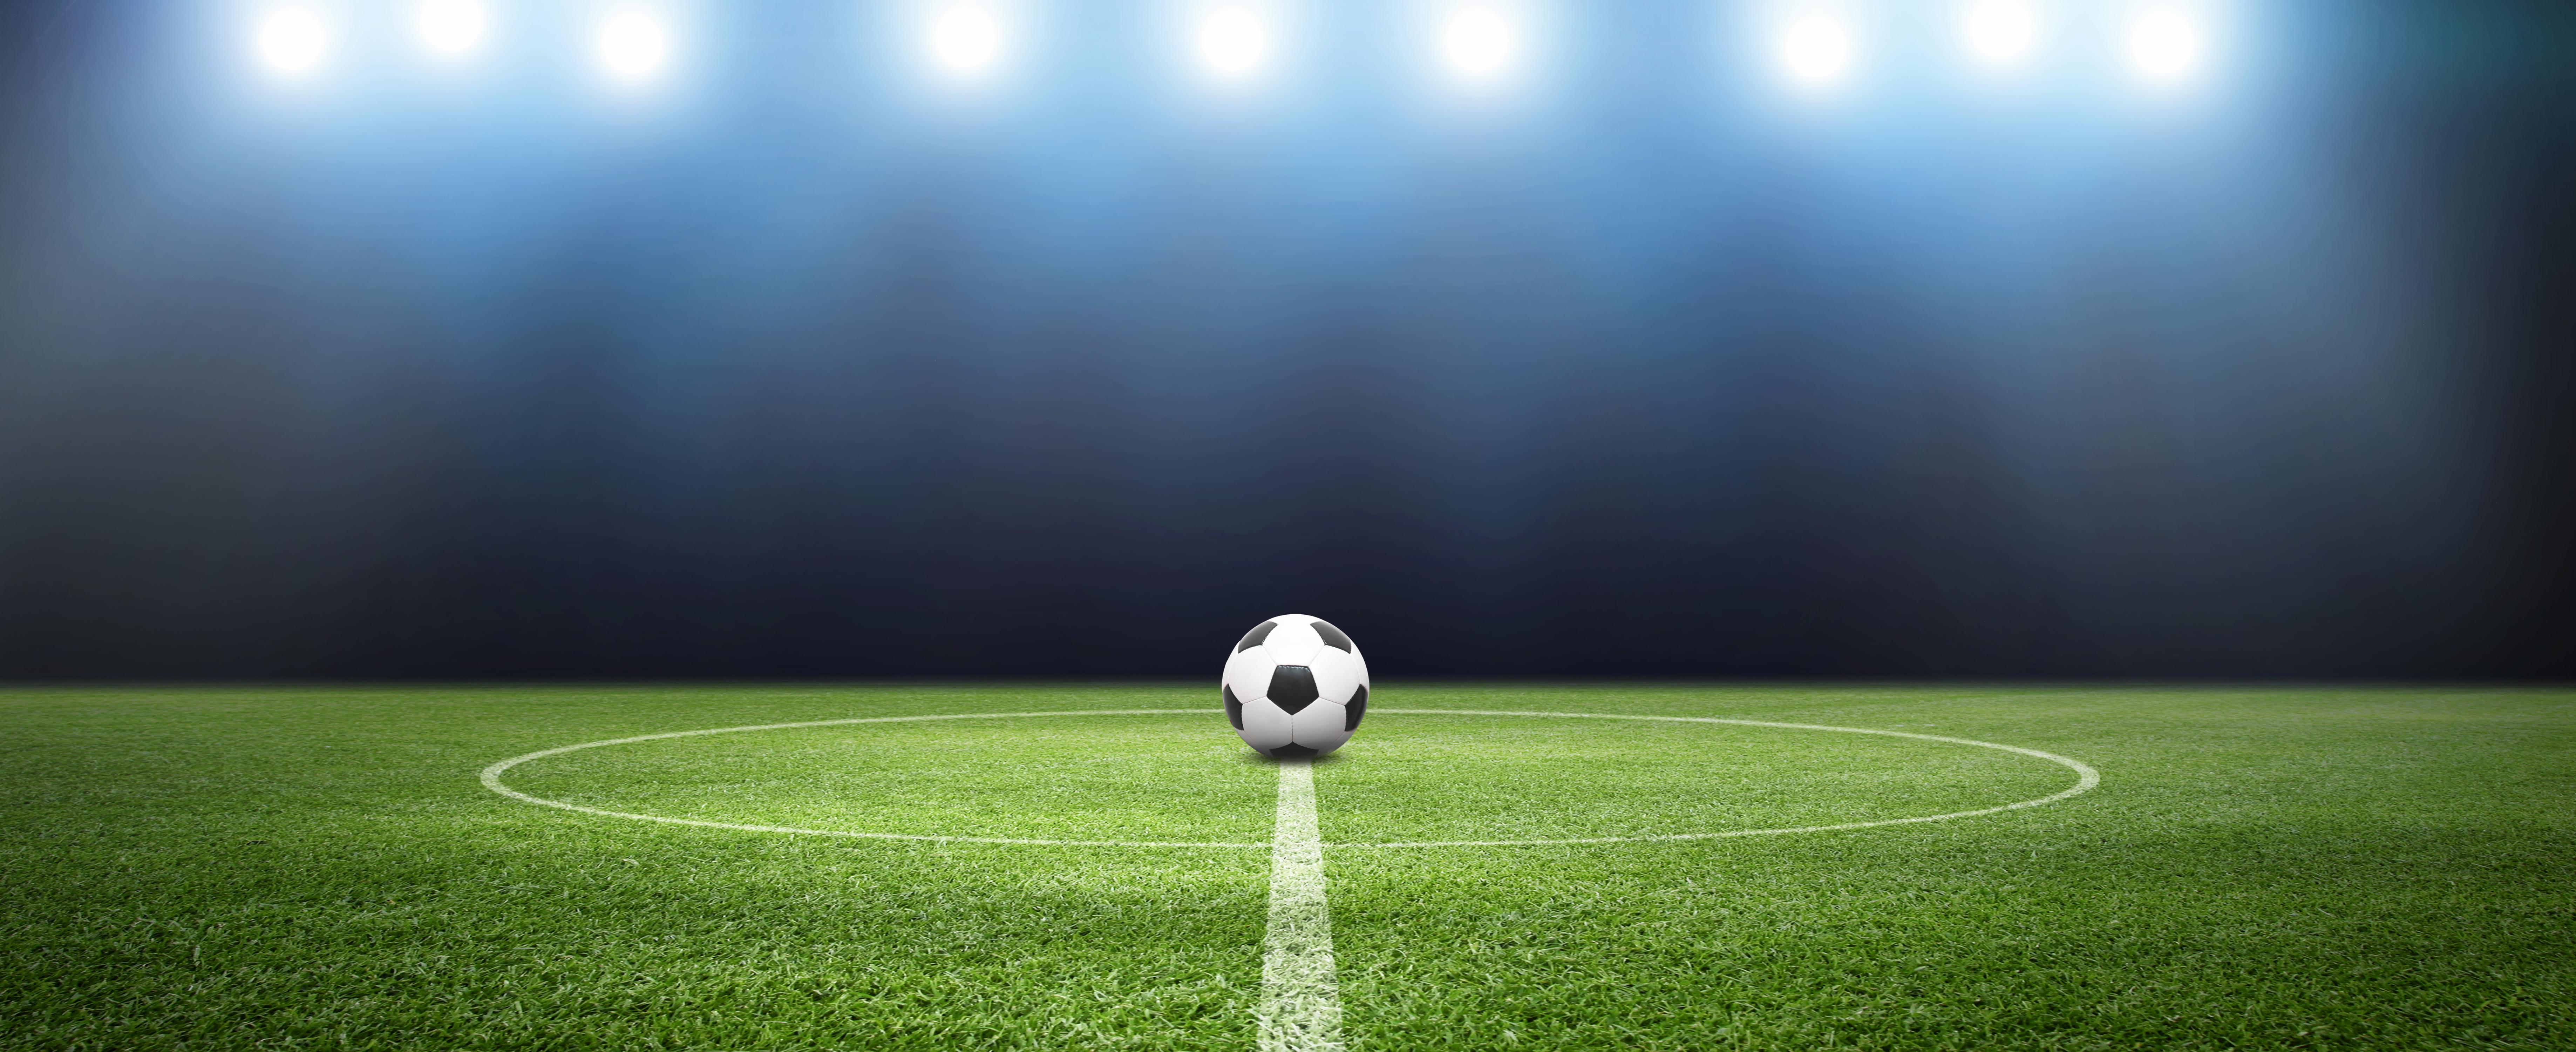 Ballon de football au milieu d'un terrain